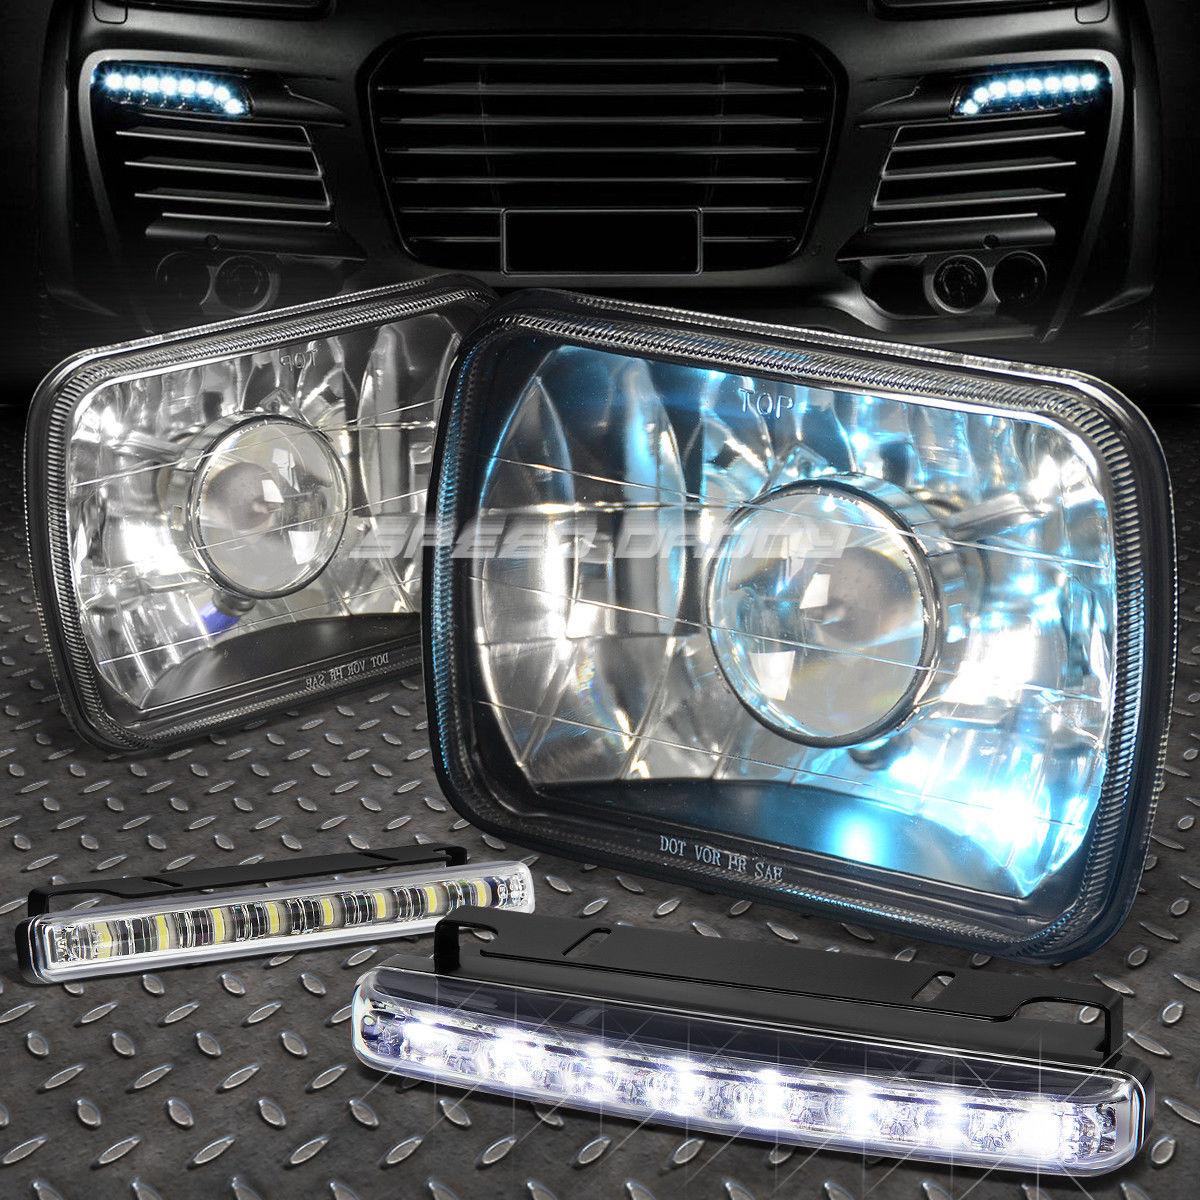 フォグライト 7x6 SQUARE BLACK PROJECTOR GLASS HEADLIGHT+8 LED GRILL FOG LIGHT FOR NISSAN 7×6スクエアブラックプロジェクターガラスヘッドライト+ 8日射霧ライト